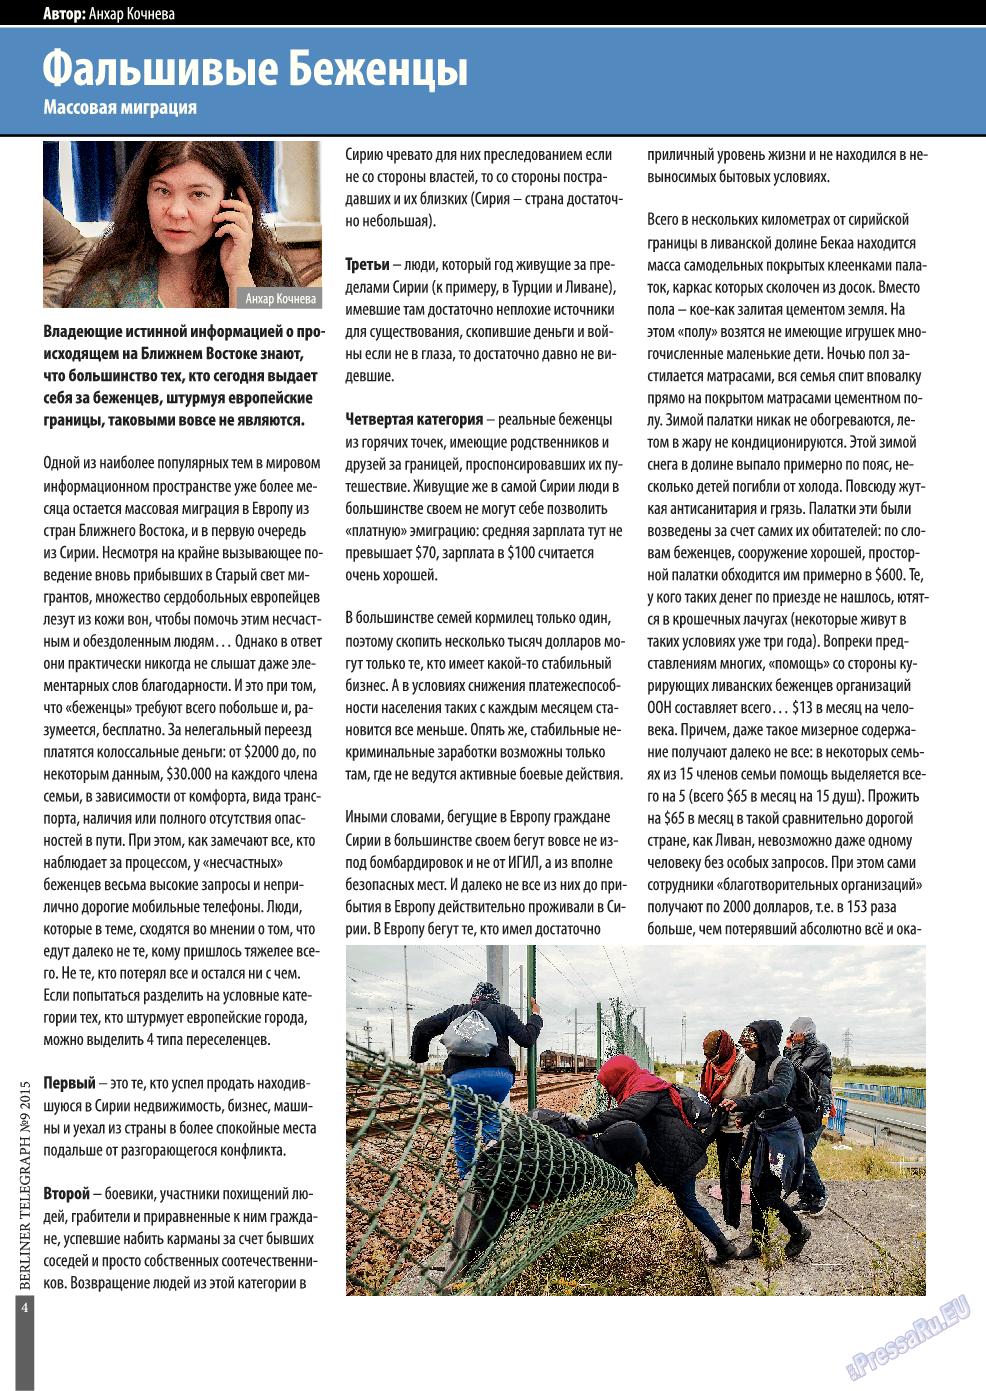 Берлинский телеграф (журнал). 2015 год, номер 10, стр. 4